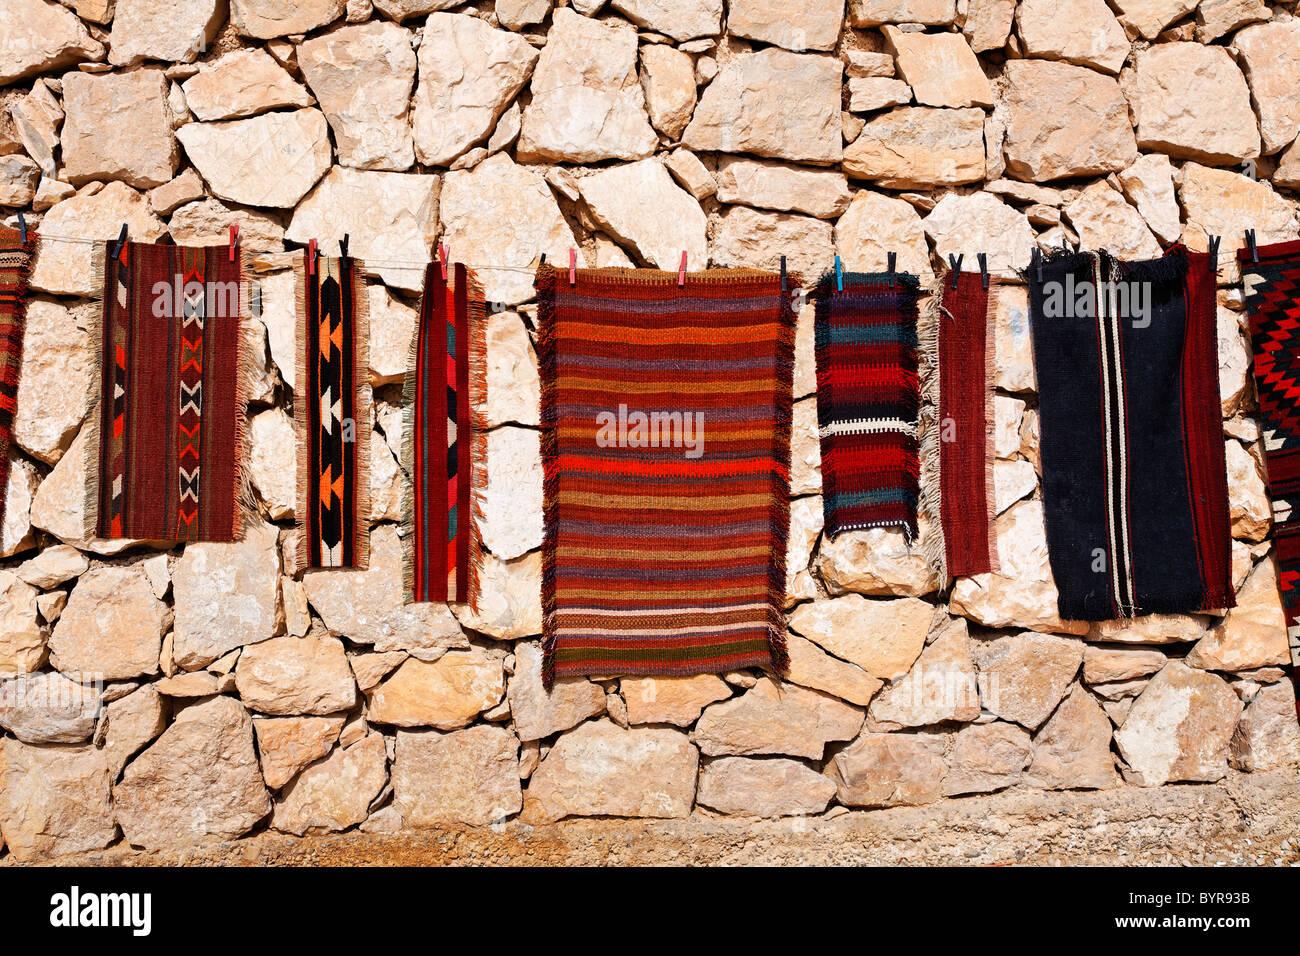 Souvenir rugs for sale at Wadi Mujib, Jordan - Stock Image